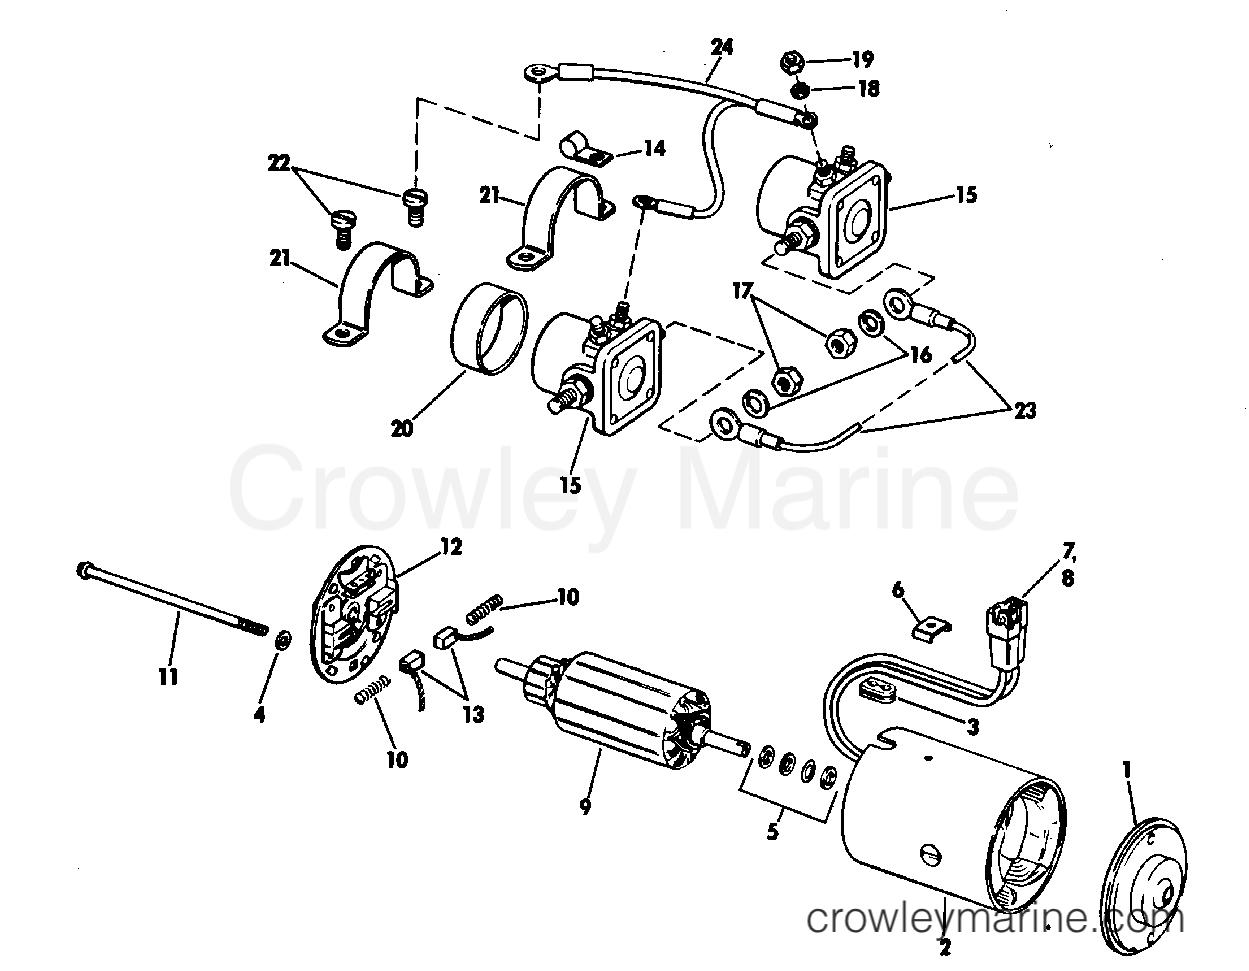 1968 OMC Stern Drive 90 - DU-15S TILT MOTOR GROUP PRESTOLITE MODEL ETK-4102 section